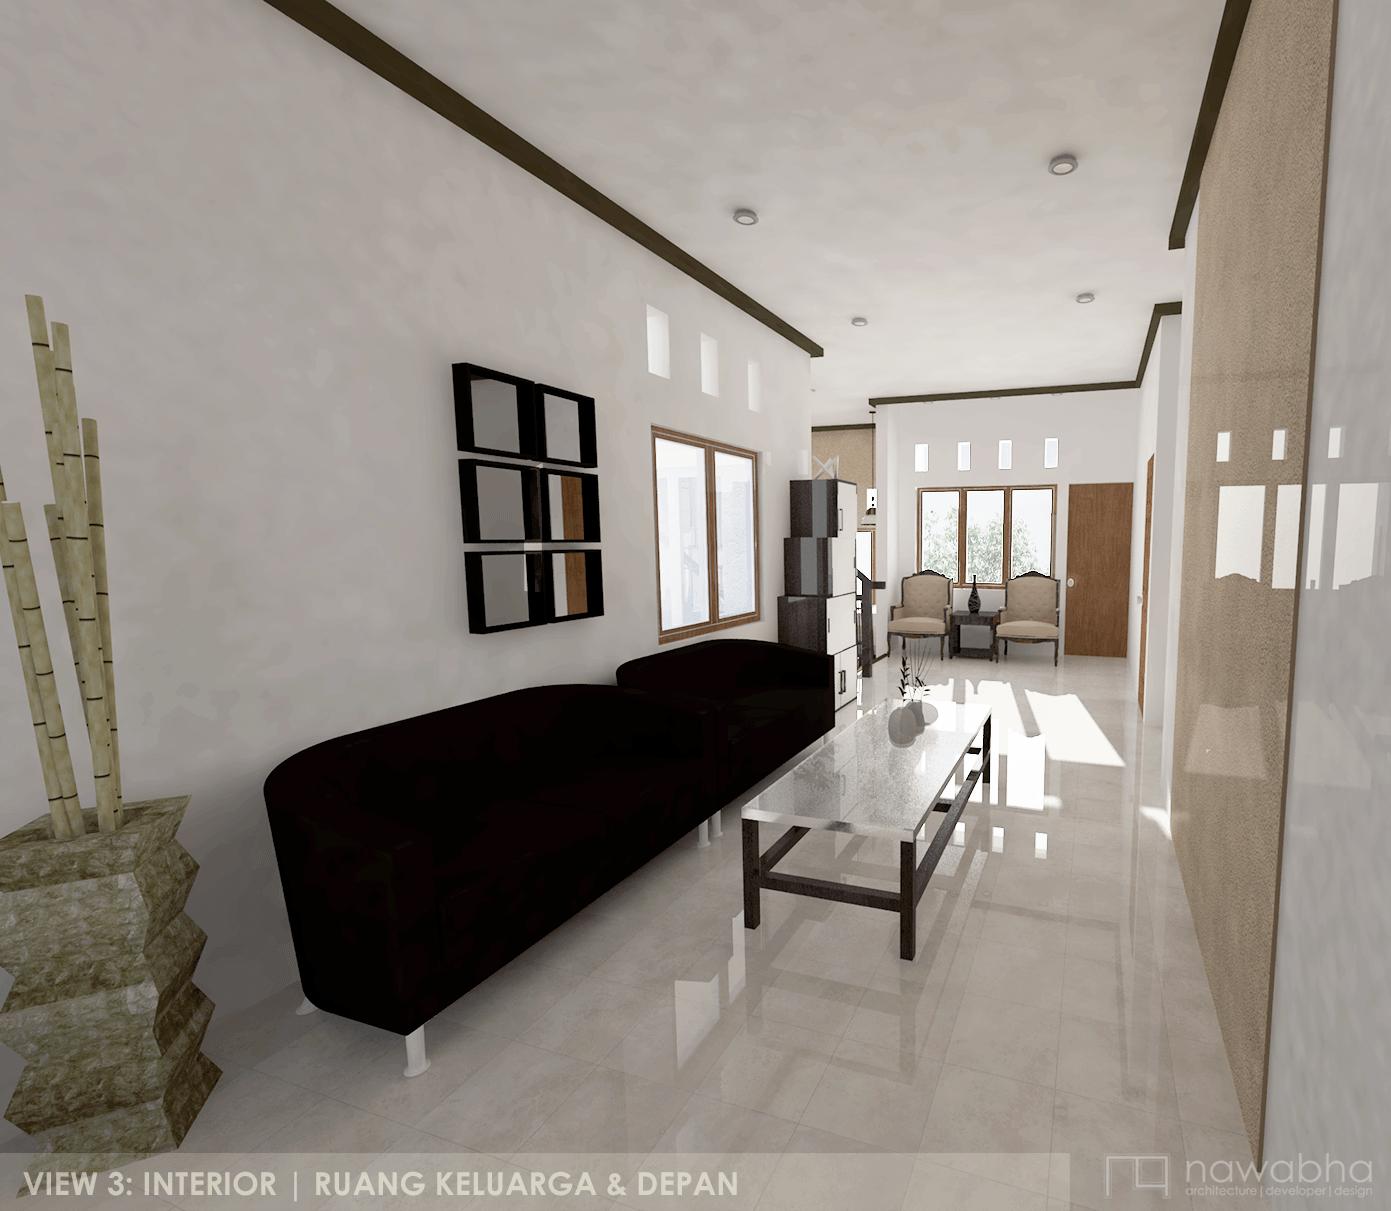 Nawabha Griya Asri Cipageran - Family House Cimahi, Bandung Cimahi, Bandung View-3-Interior-1-Revisi Modern 24951